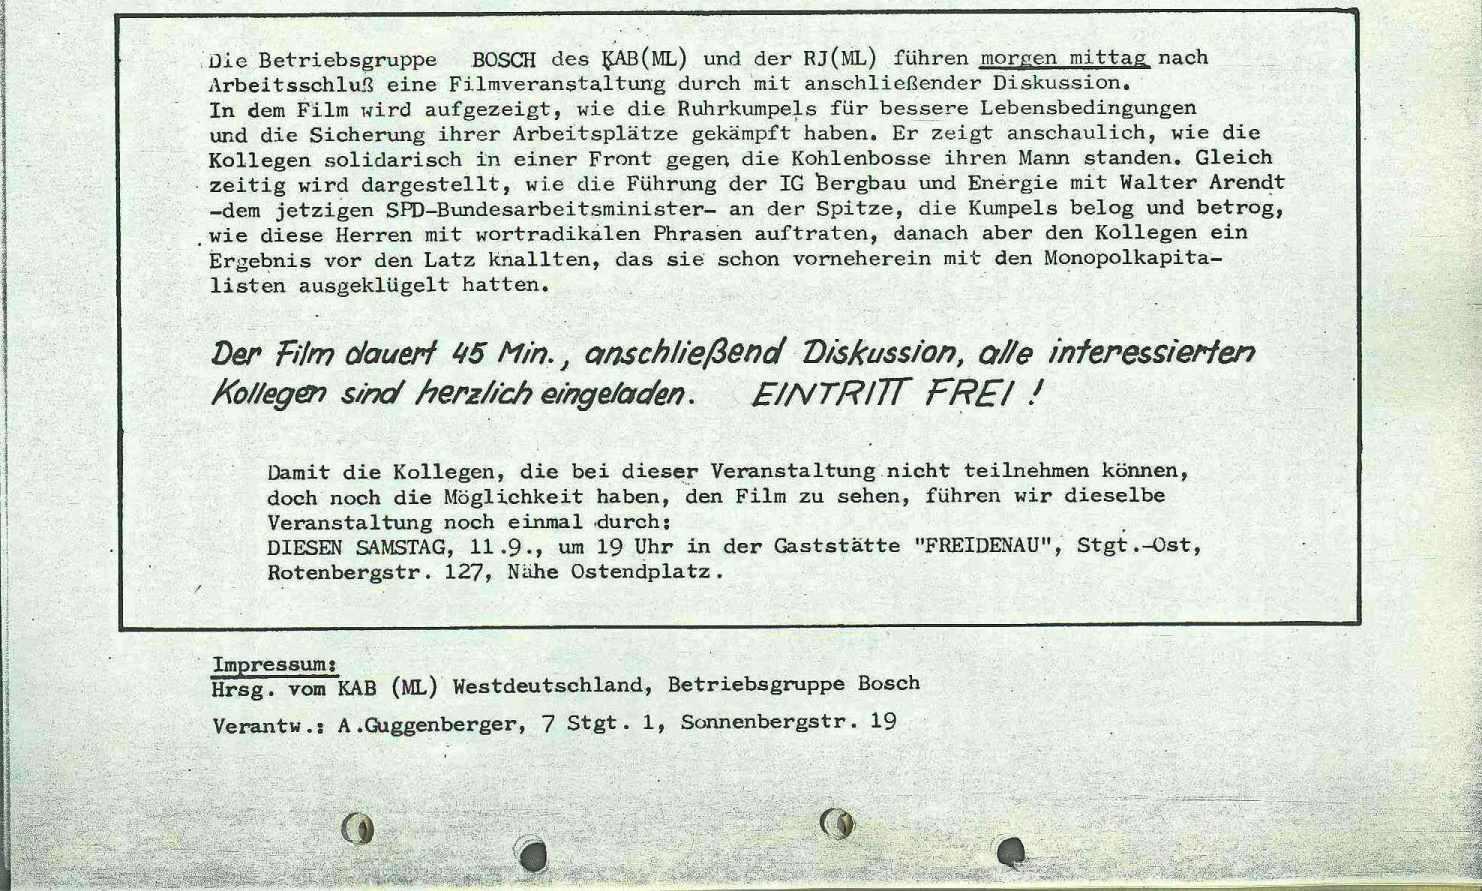 Stuttgart_Bosch019